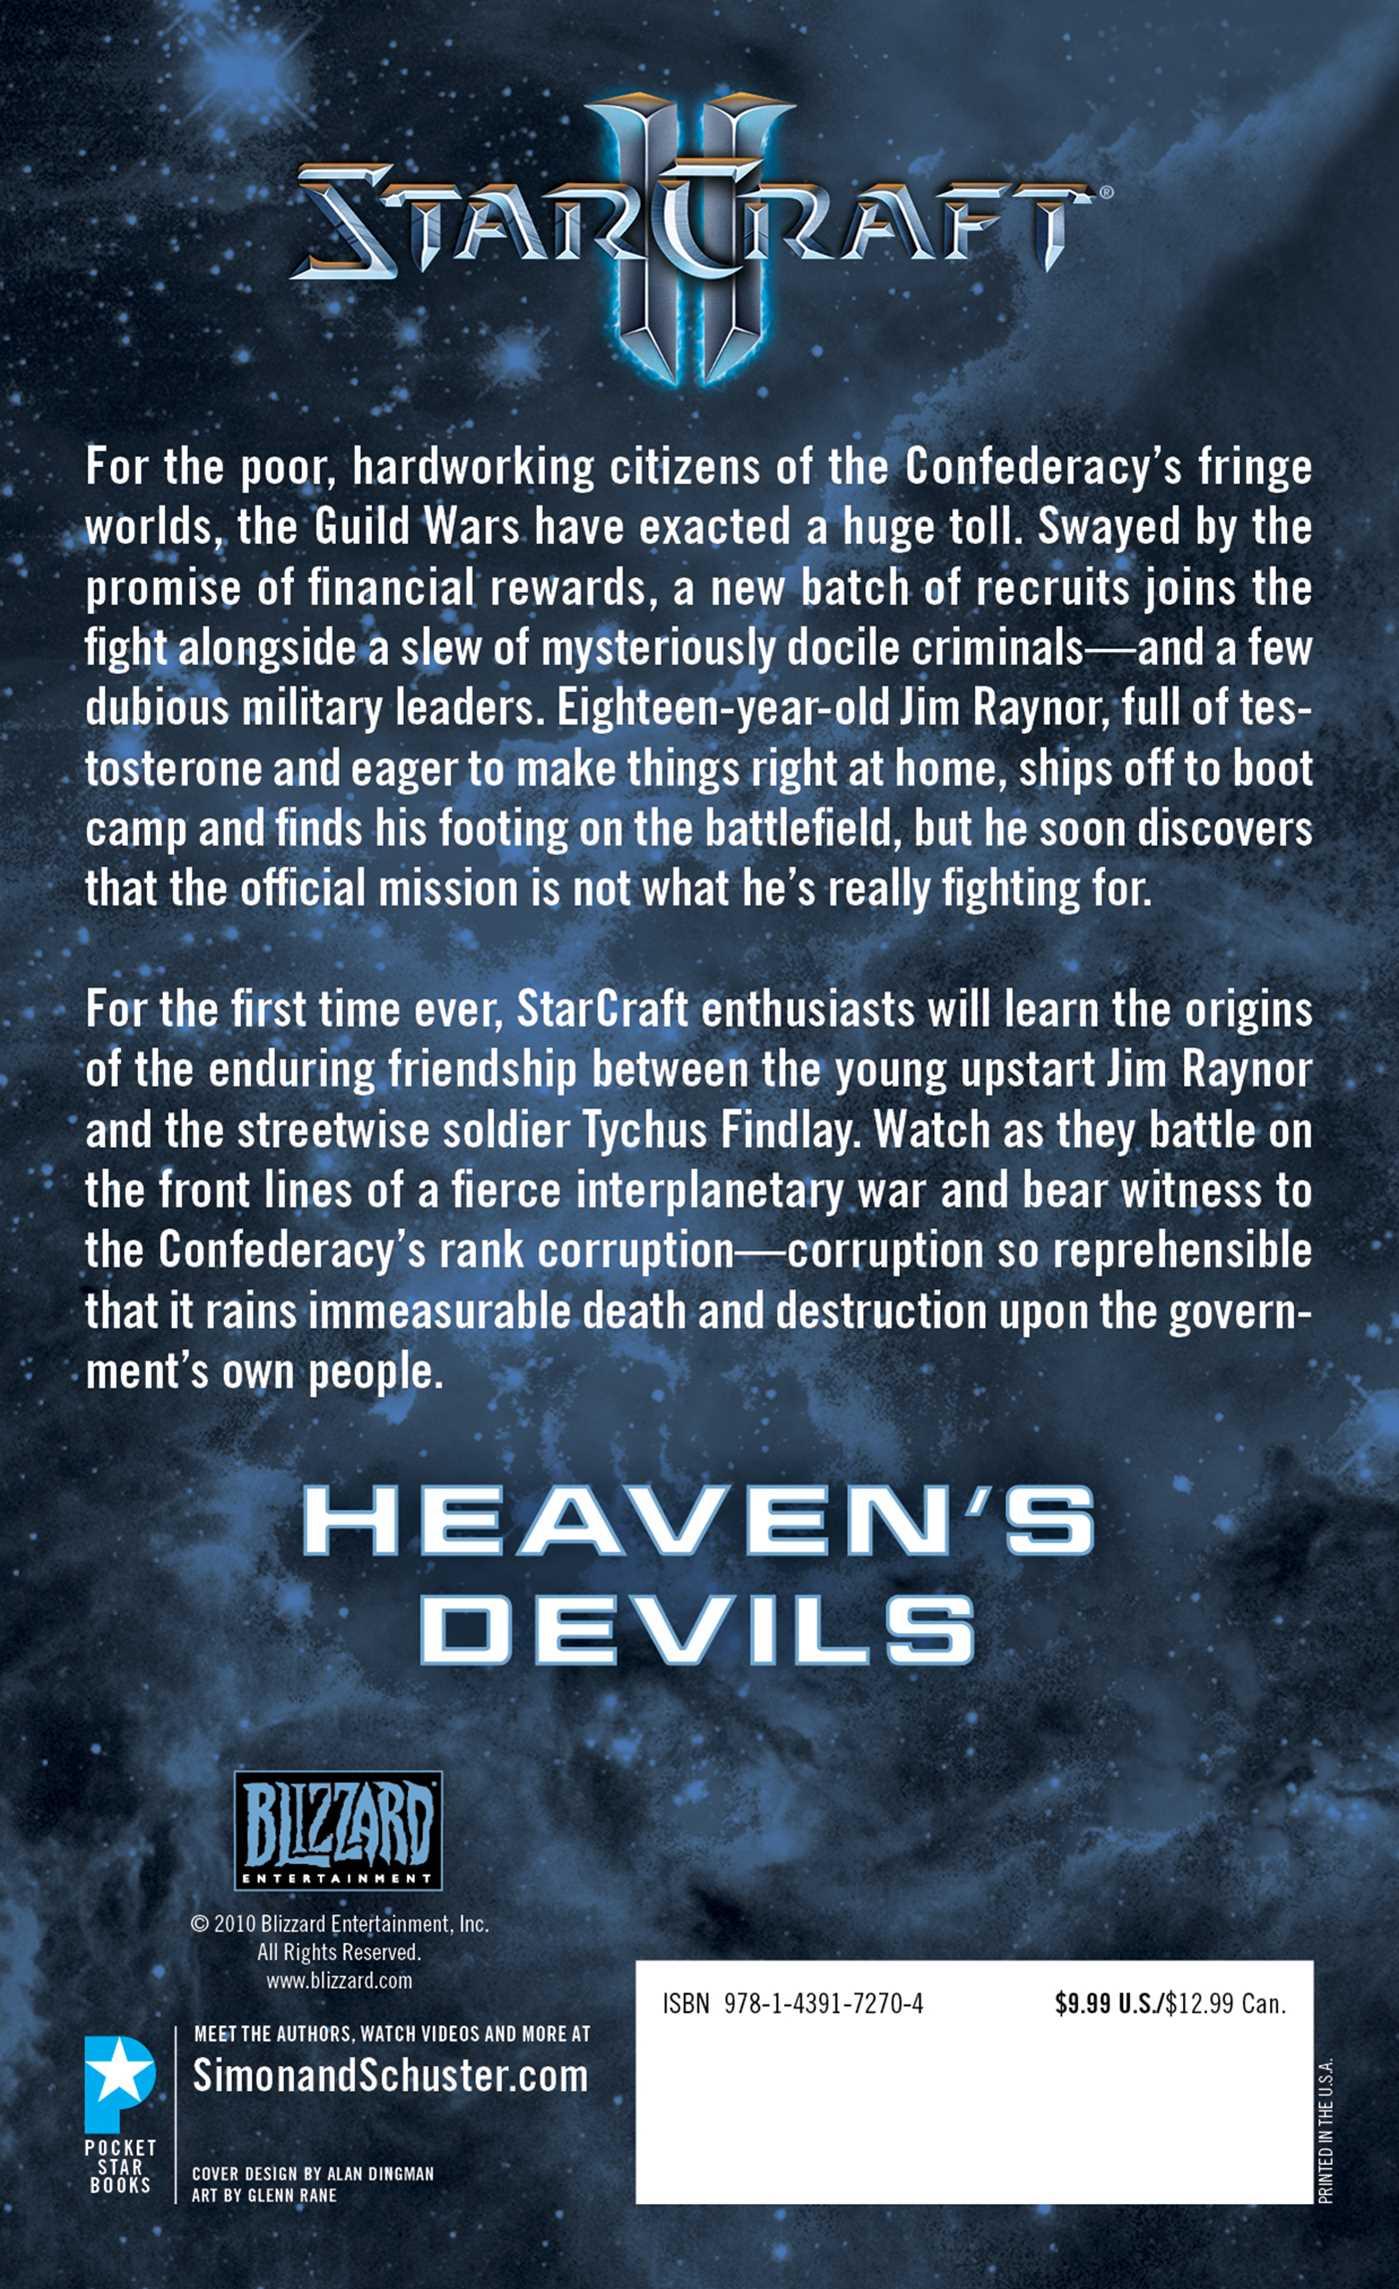 Starcraft ii heavens devils 9781439172704 hr back